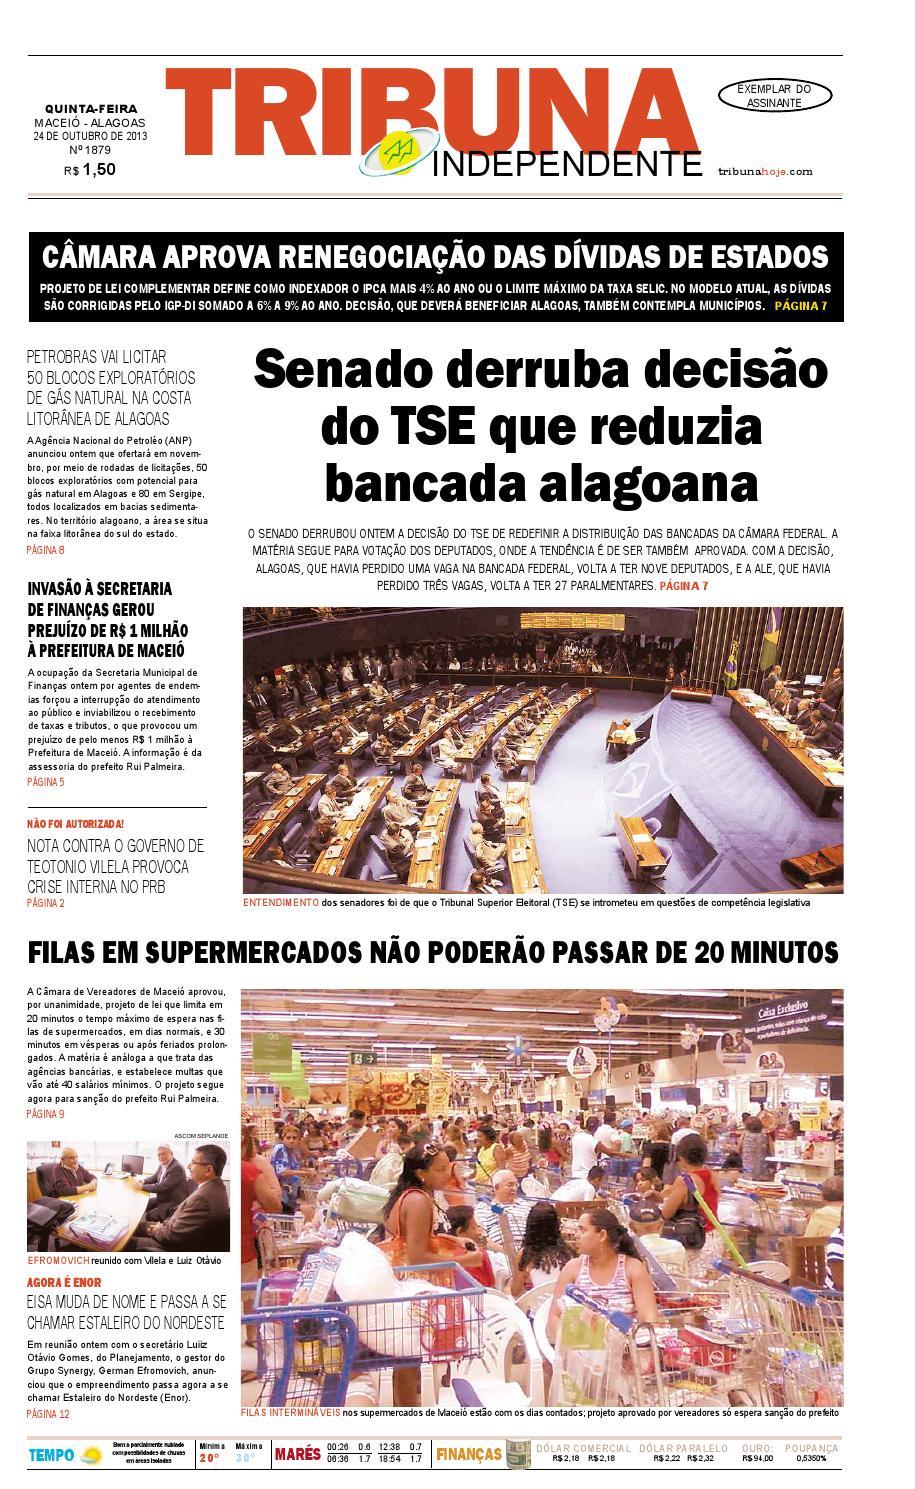 eb2829df07e Edição número 1879 - 24 de outubro de 2013 by Tribuna Hoje - issuu